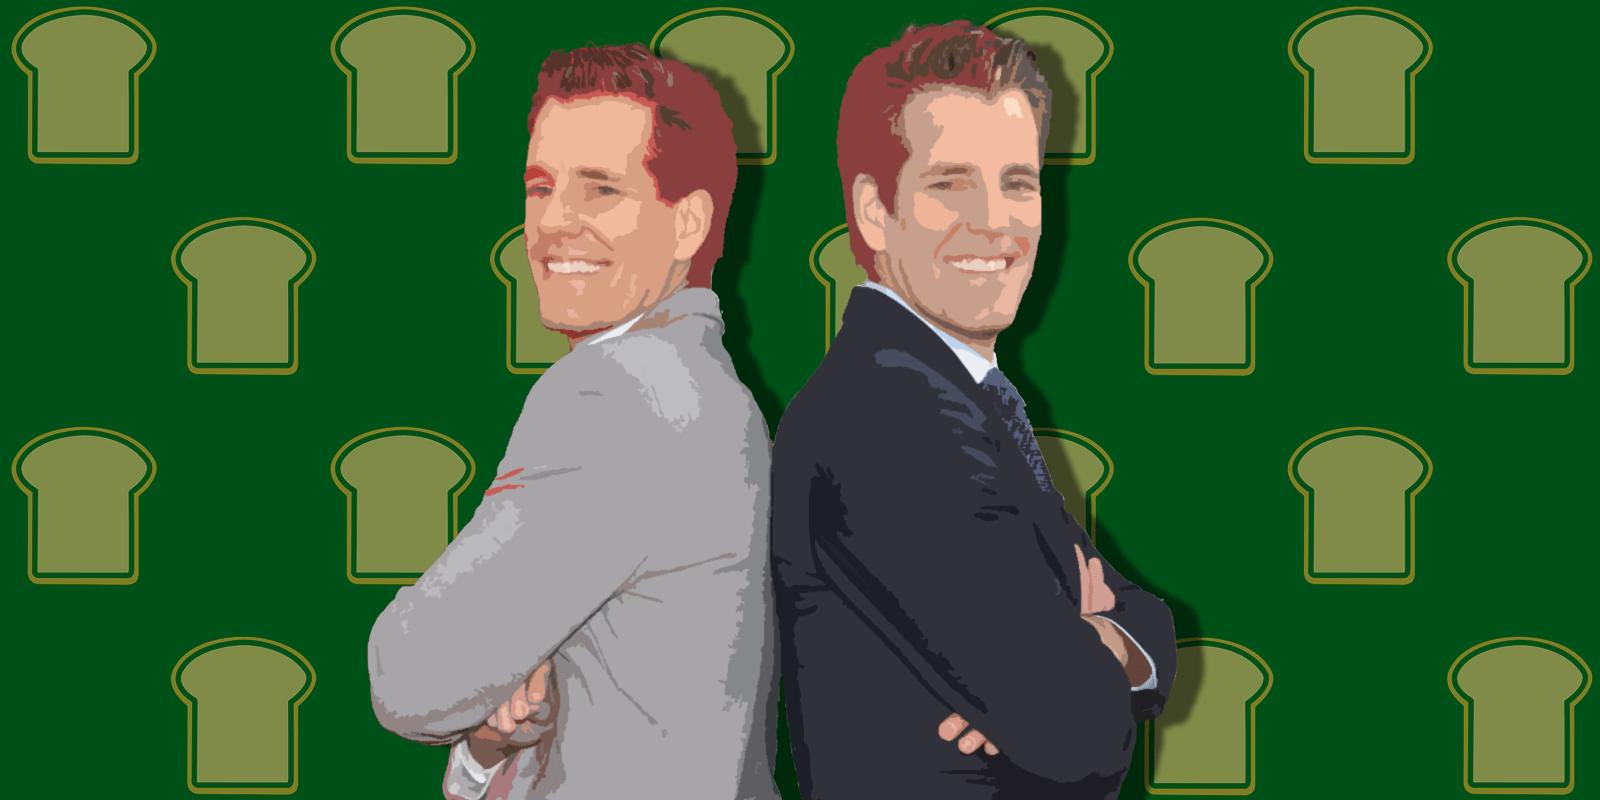 Les frères jumeaux Winklevoss